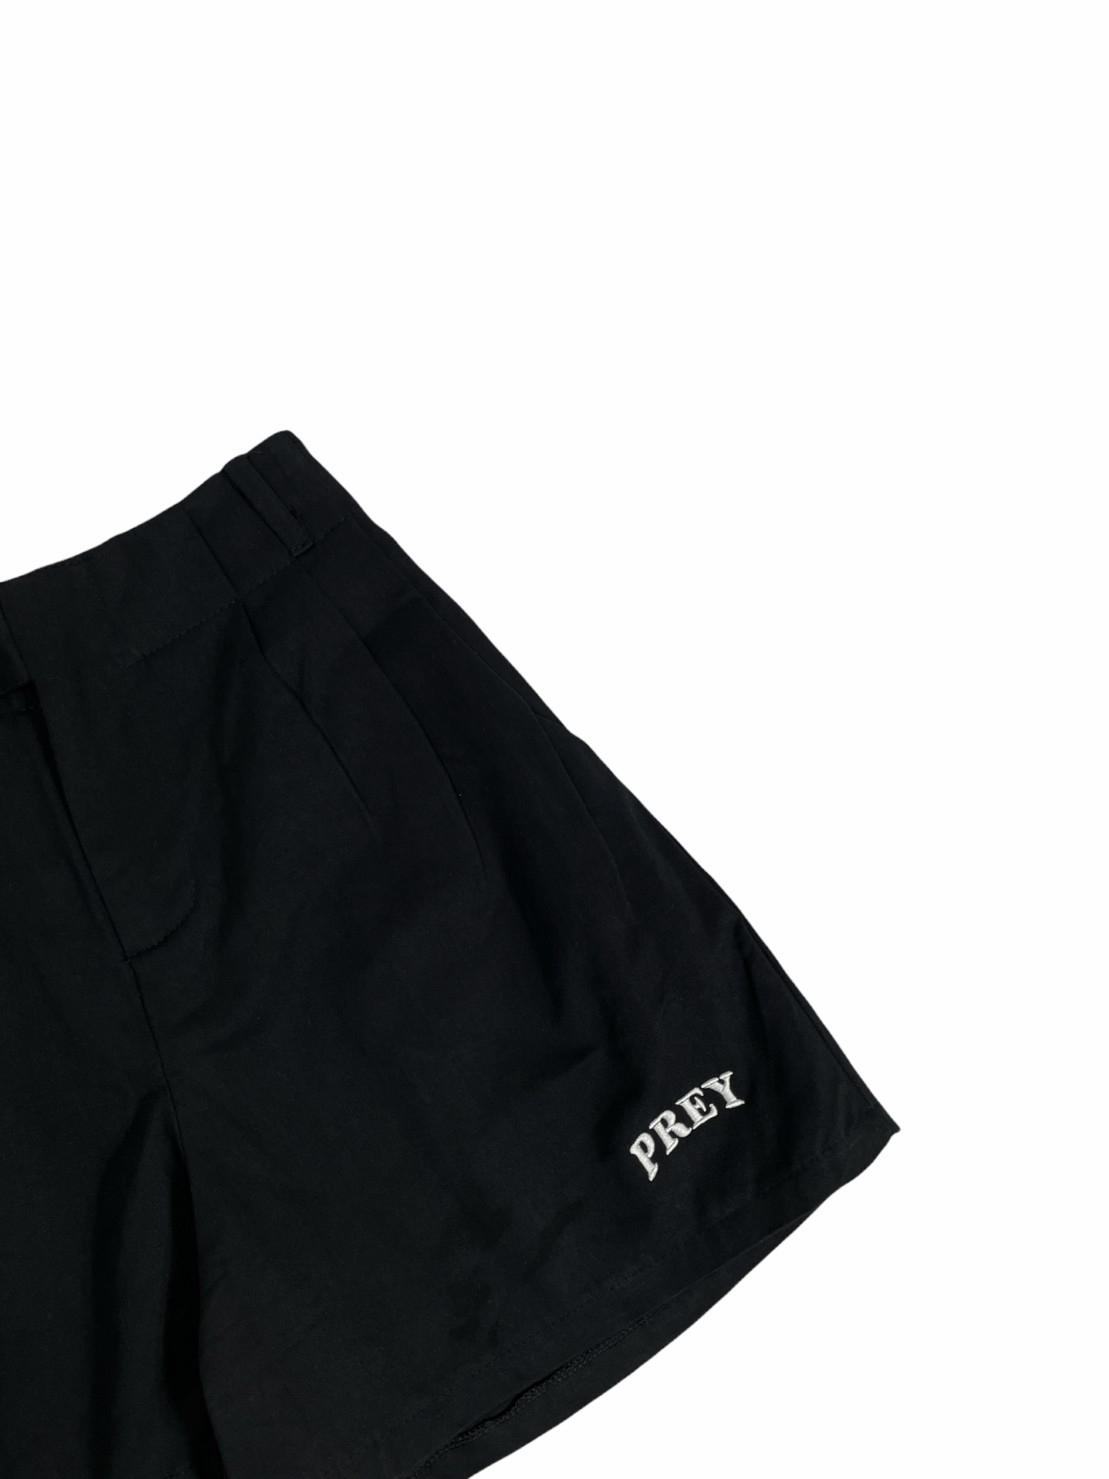 Prey classic short (Black)